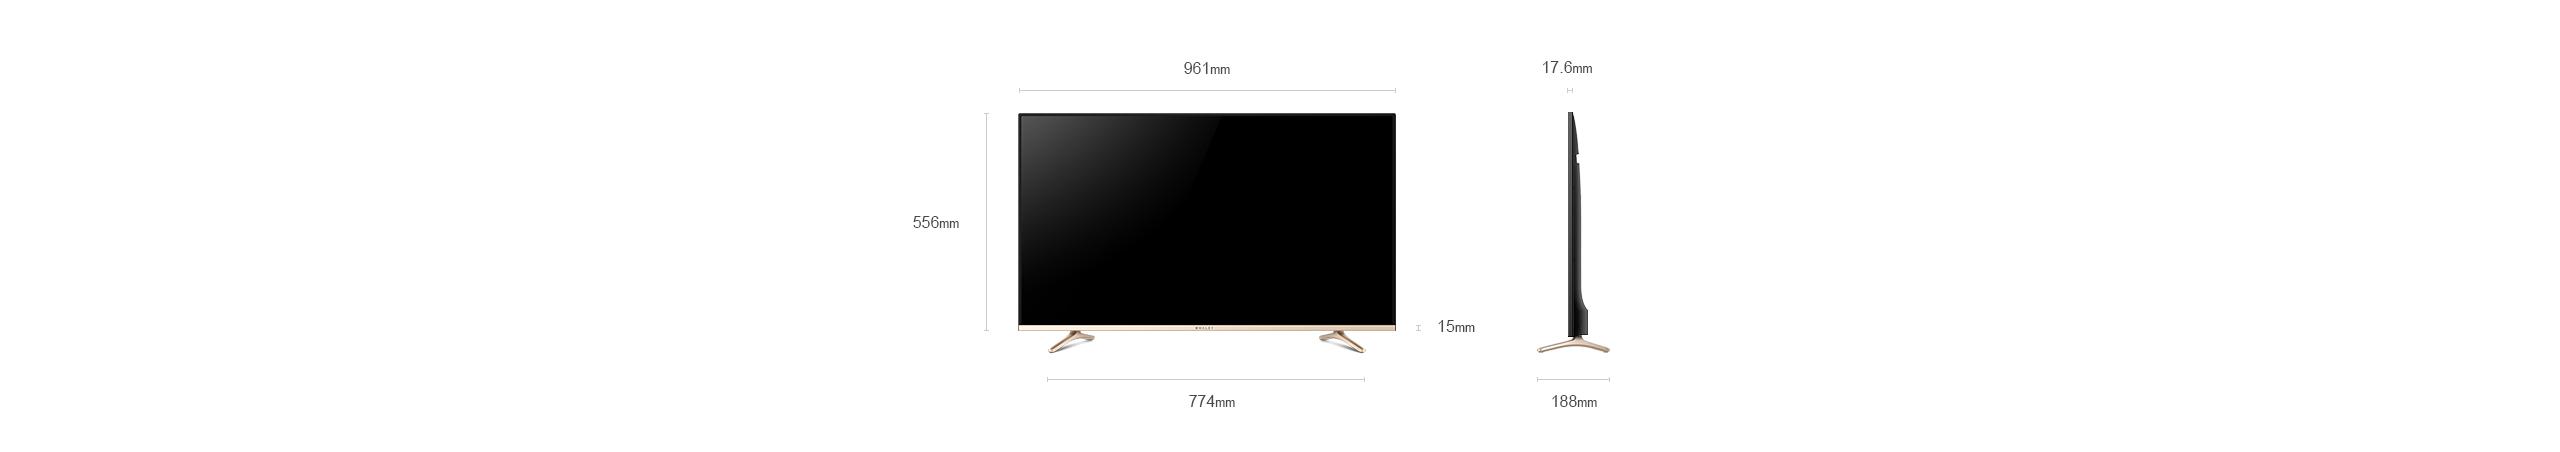 微鲸43英寸电视参数